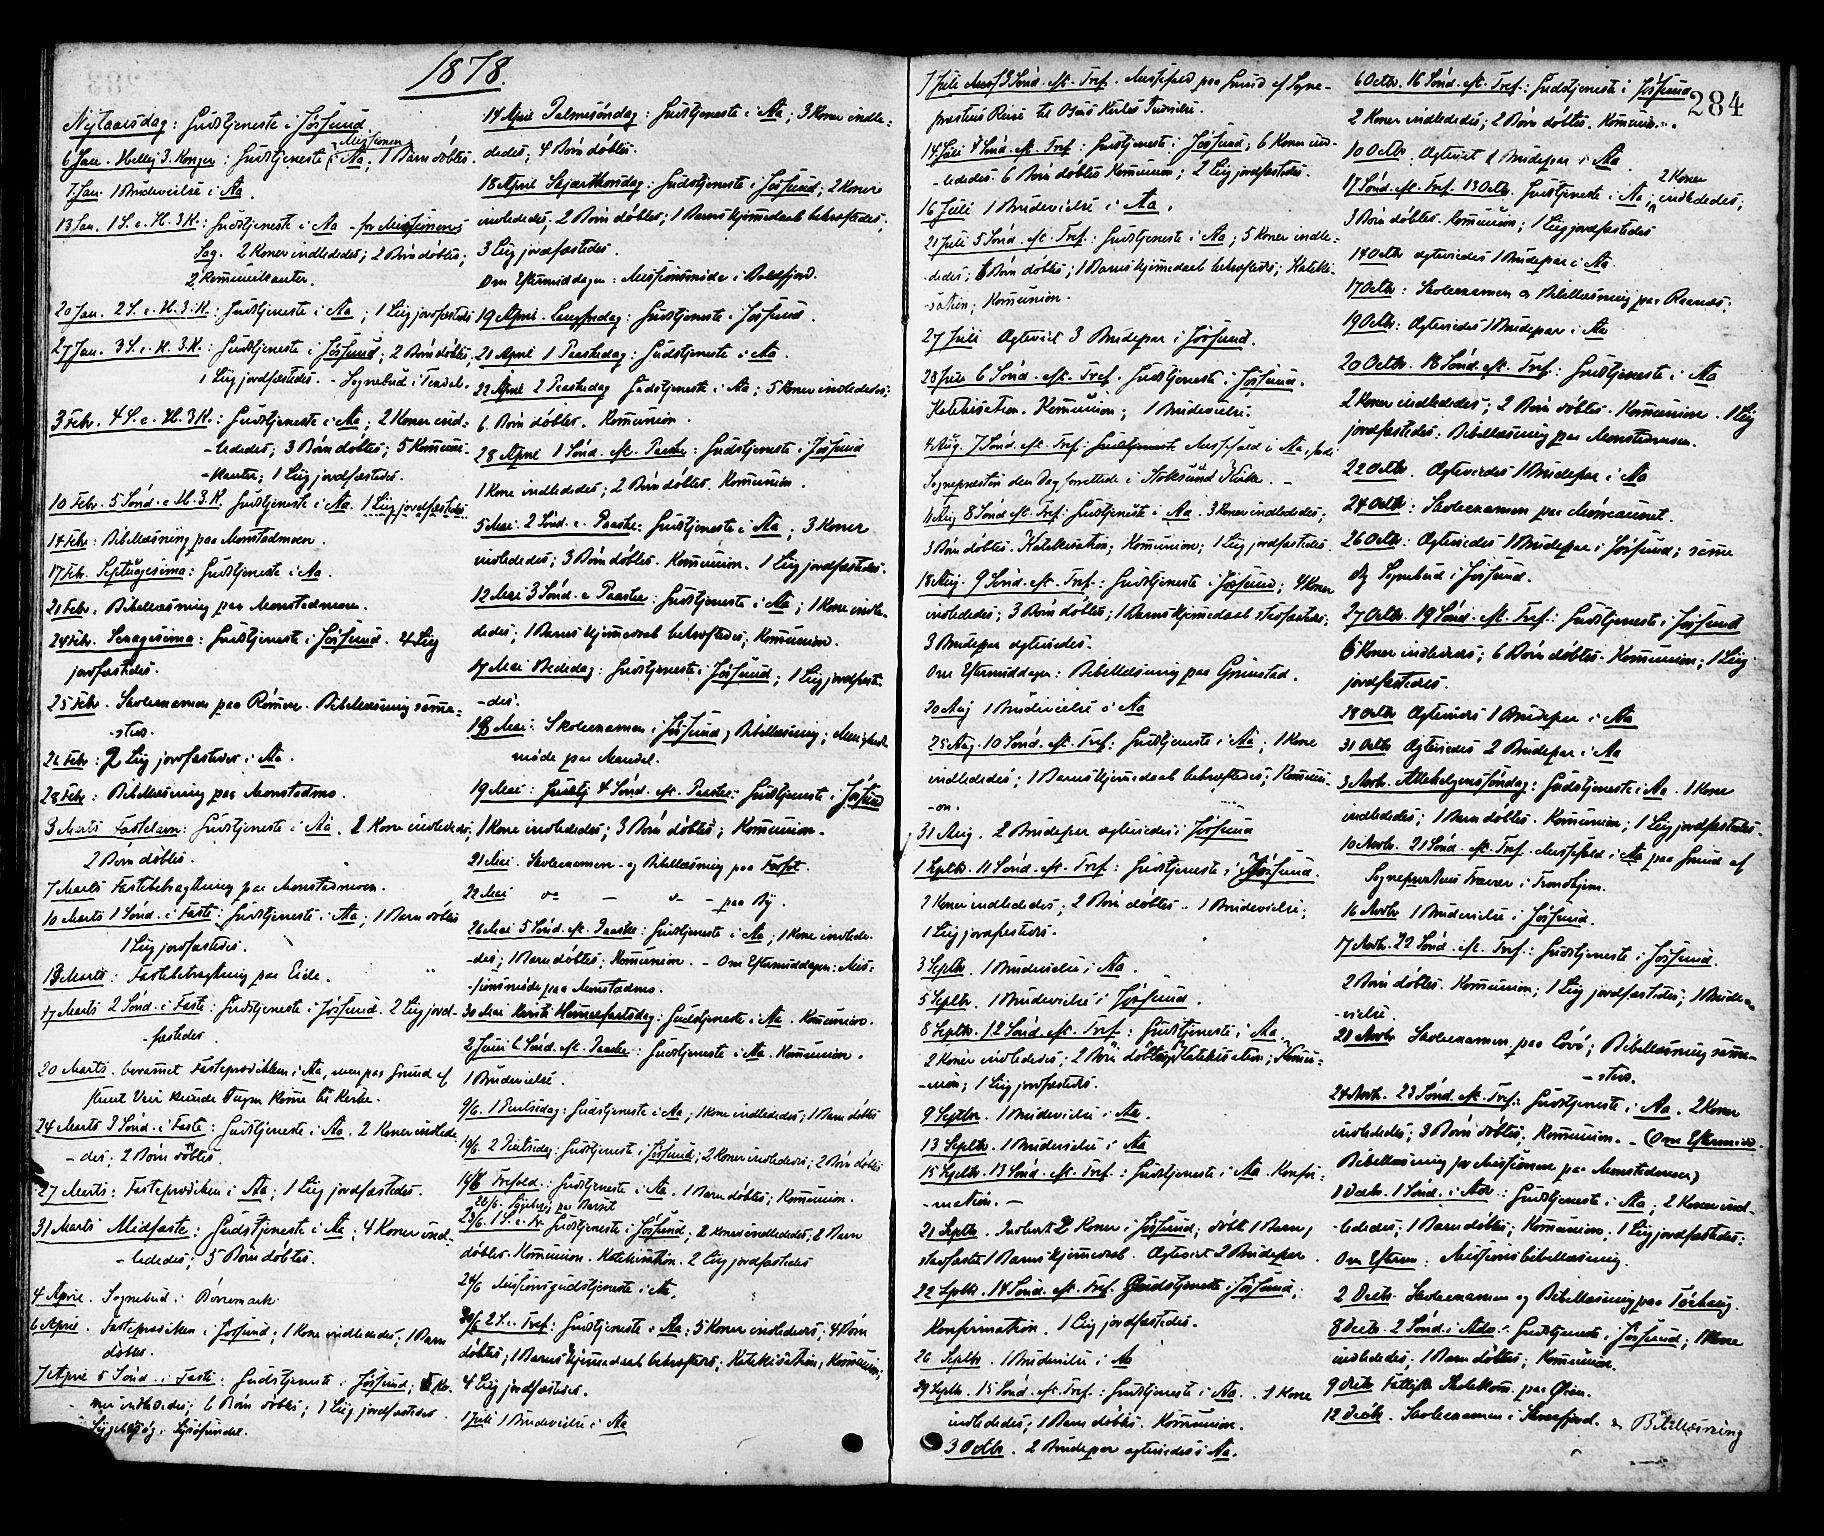 SAT, Ministerialprotokoller, klokkerbøker og fødselsregistre - Sør-Trøndelag, 655/L0679: Ministerialbok nr. 655A08, 1873-1879, s. 284